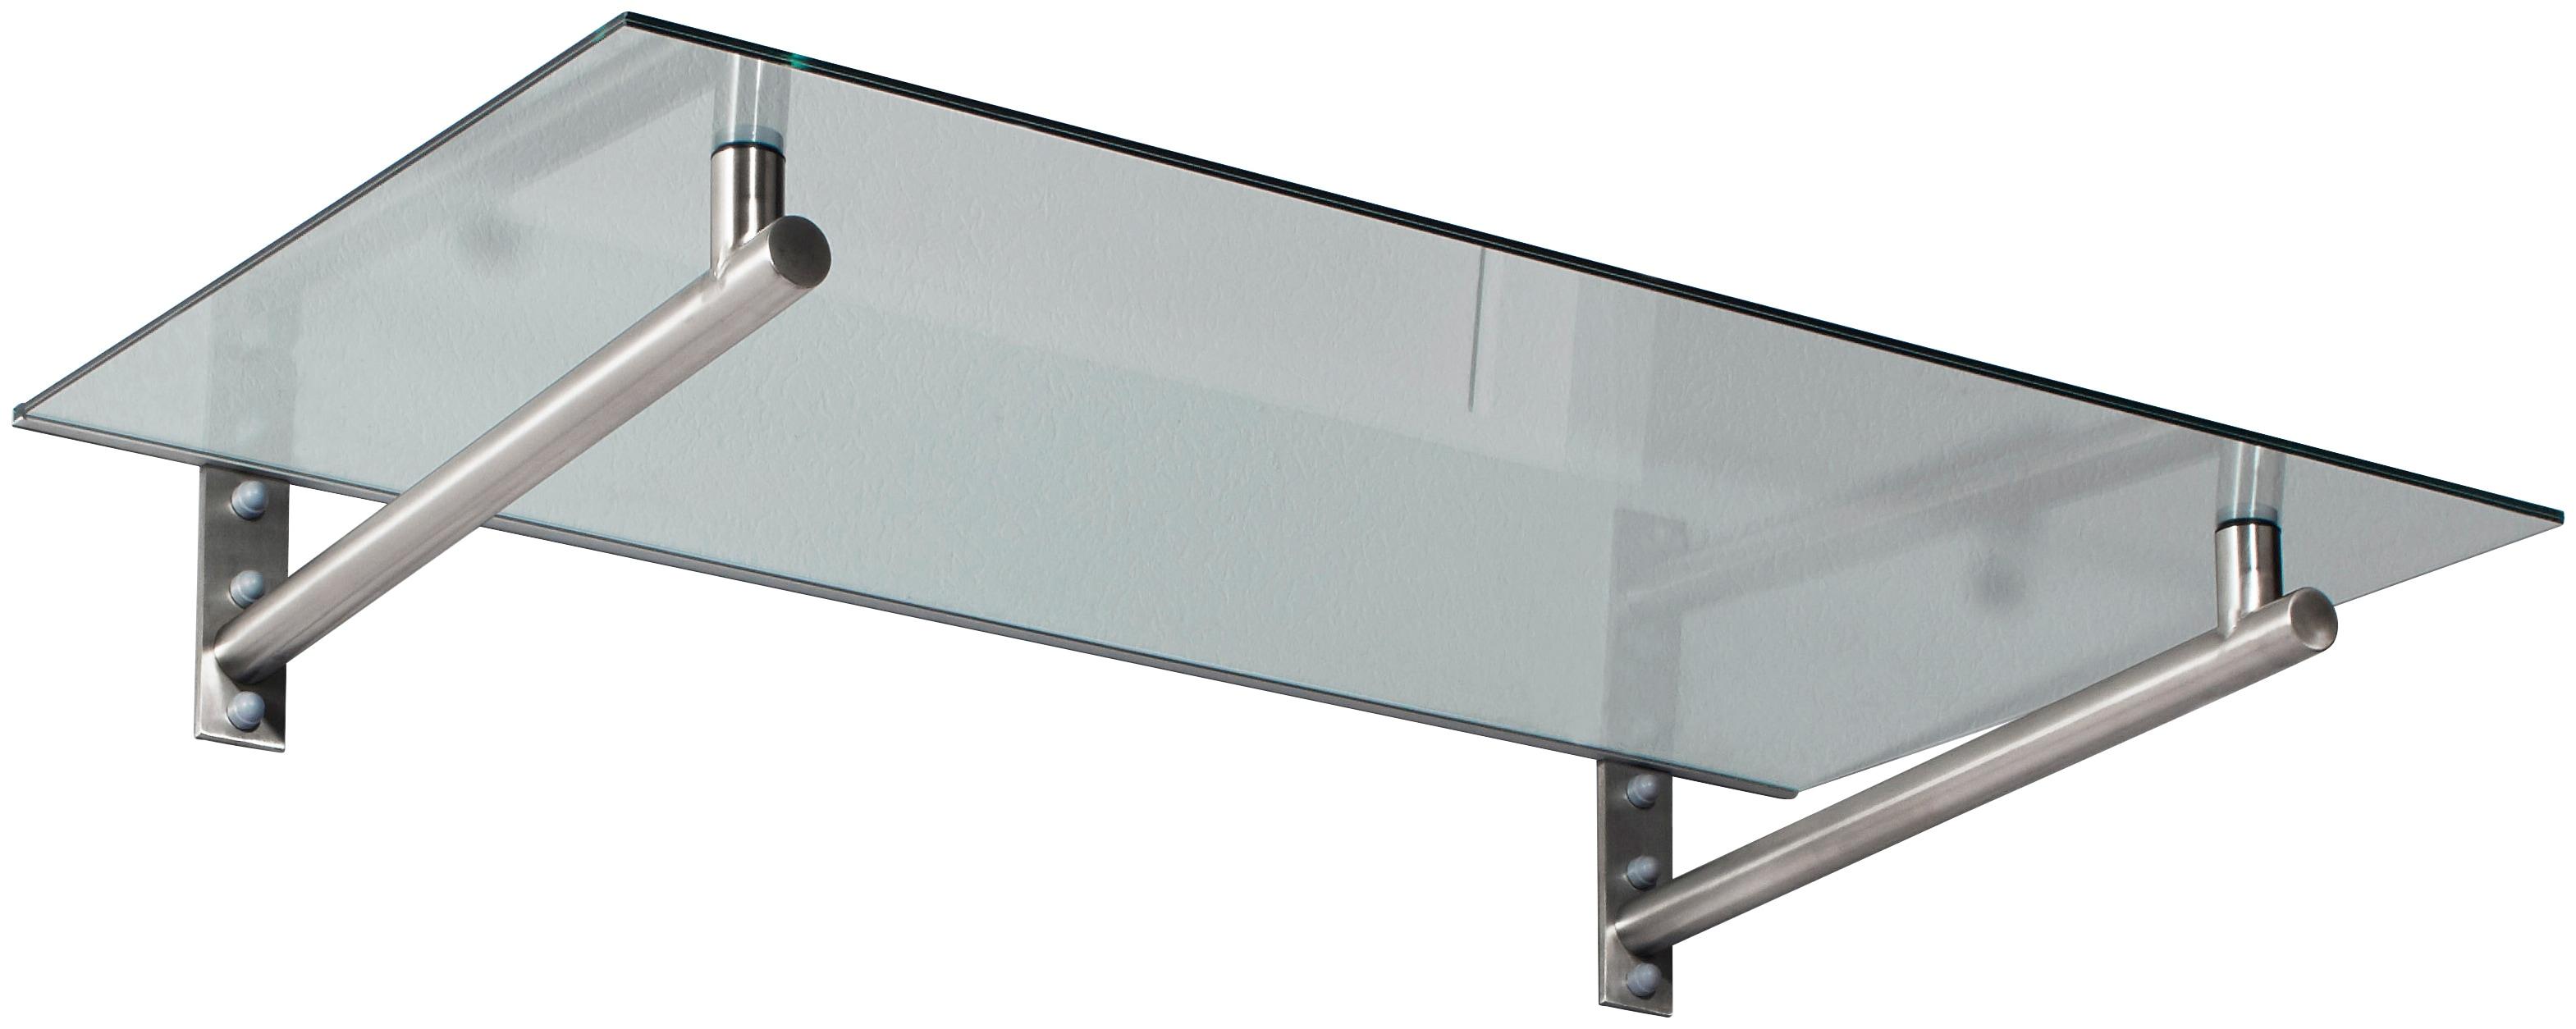 Gutta Vordach »HD 140«, 140x80x19,5 cm, silberfarben-transparent | Baumarkt > Modernisieren und Baün > Vordächer | Silberfarben | GUTTA